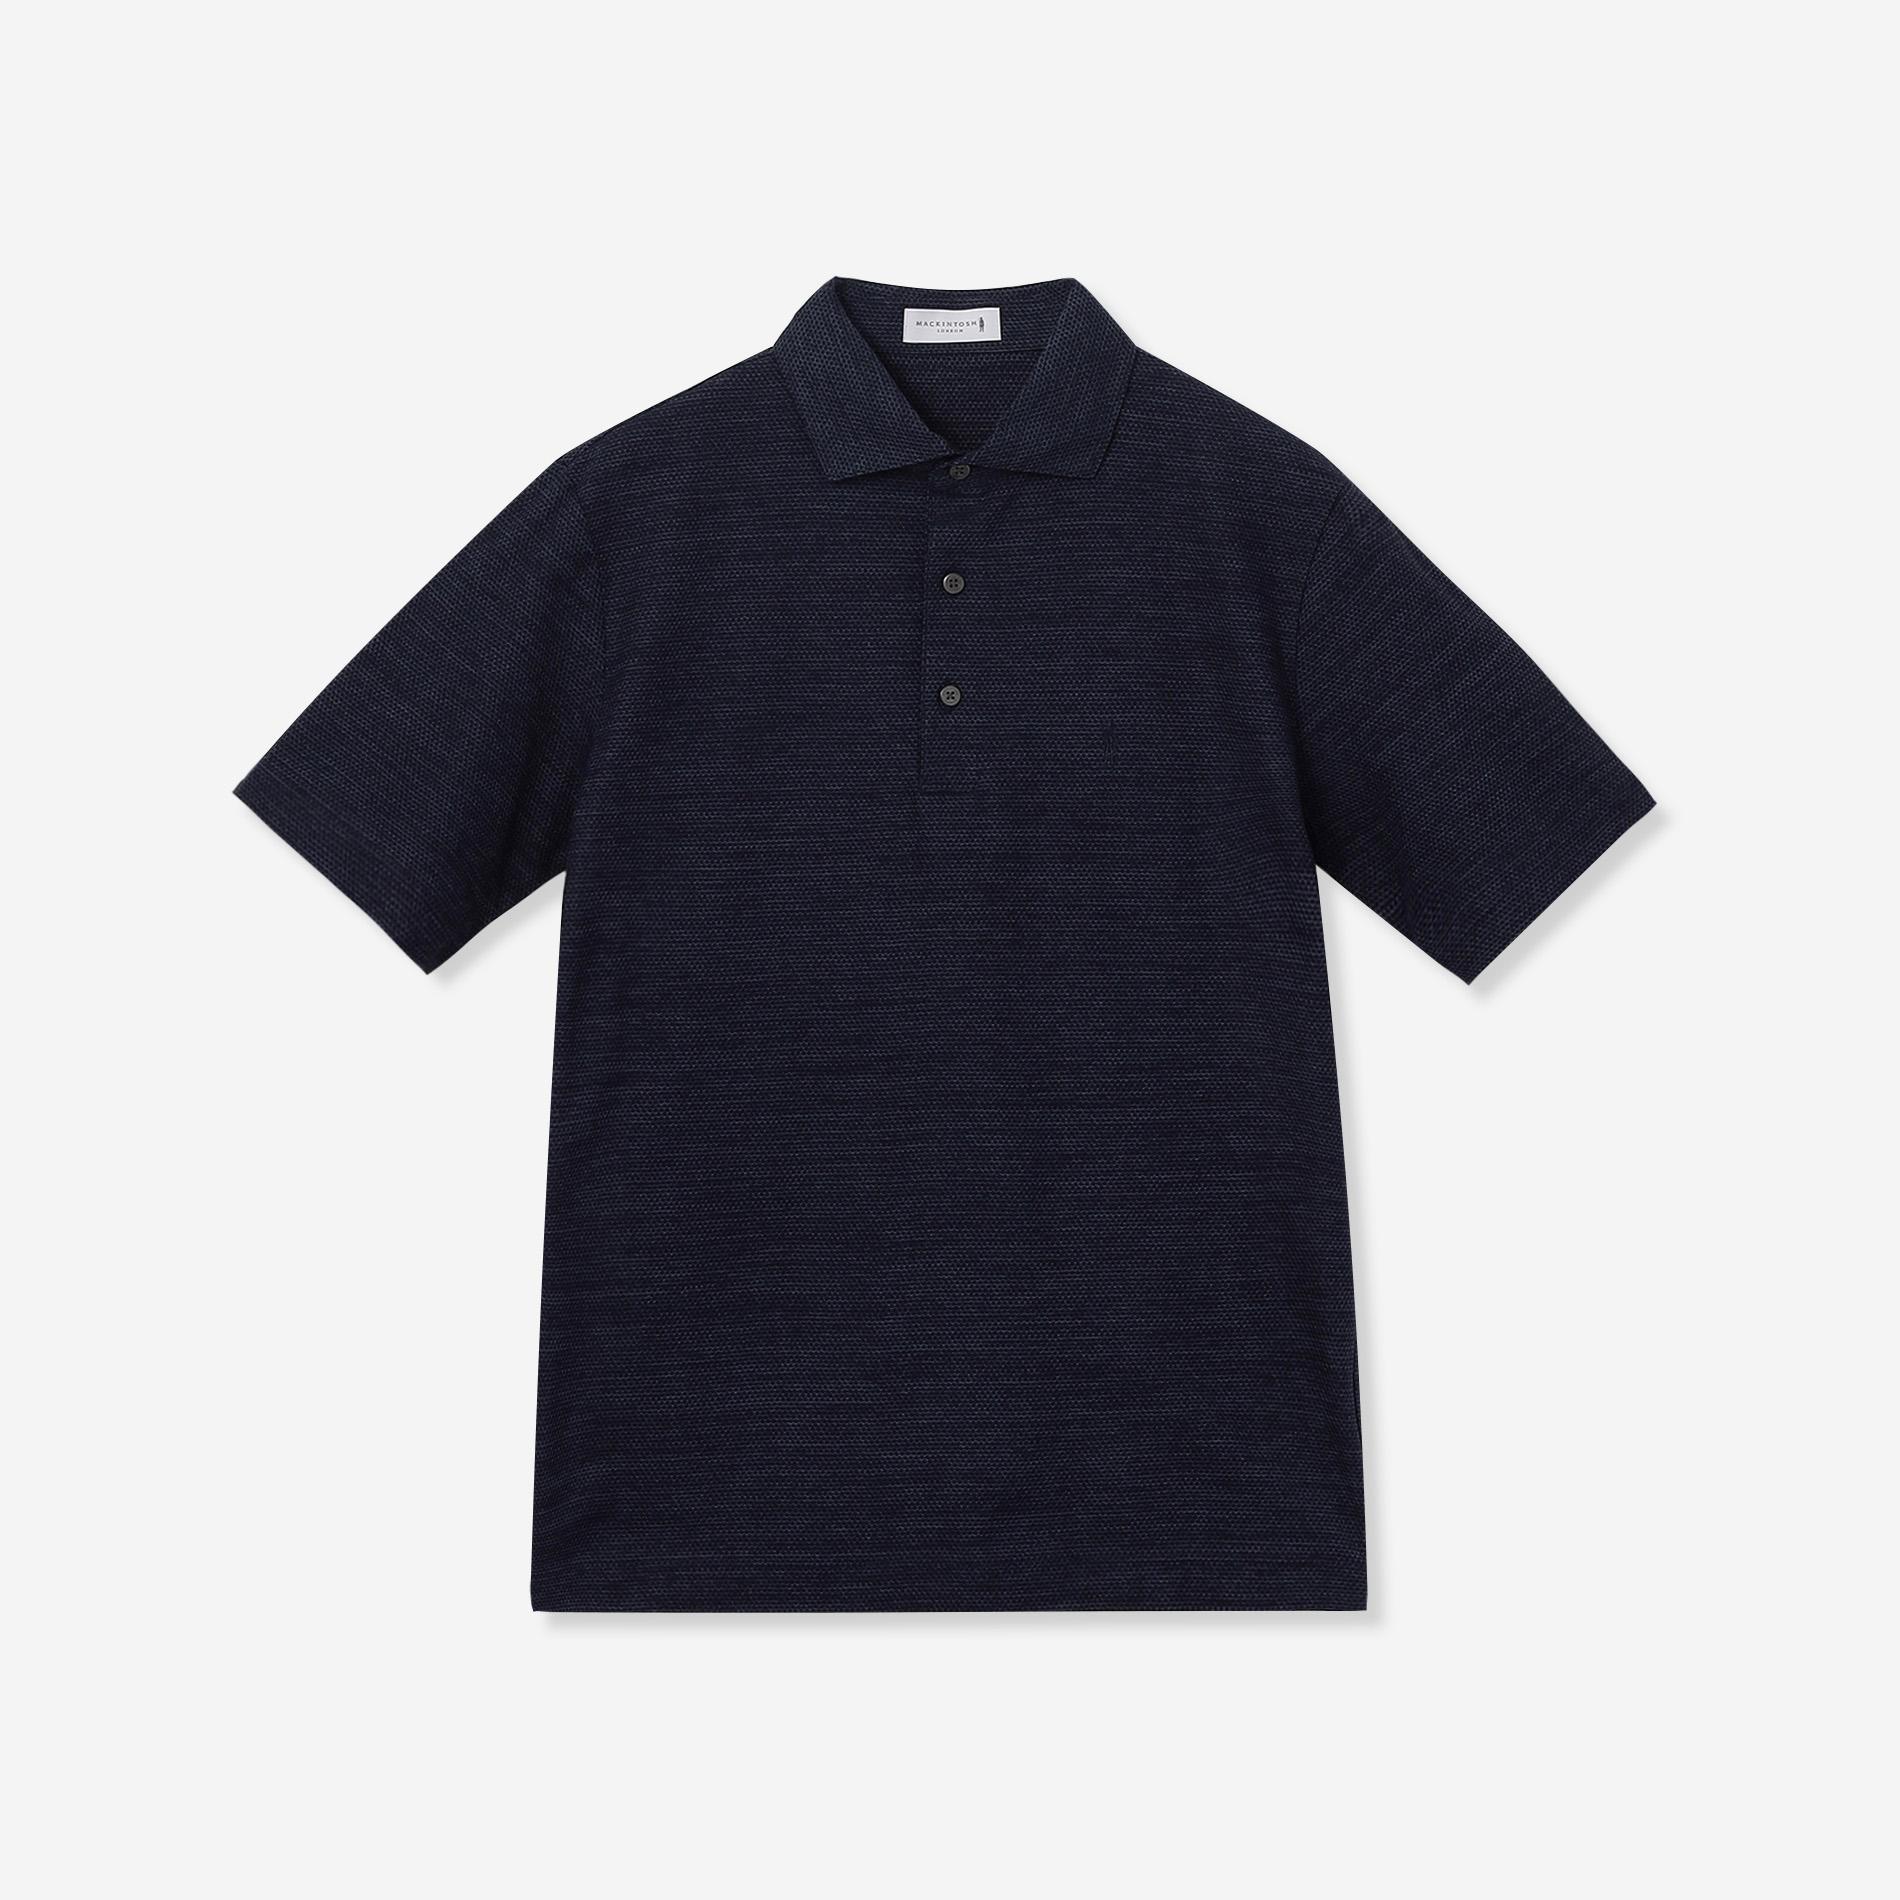 ◆◆ブライトンポロシャツ